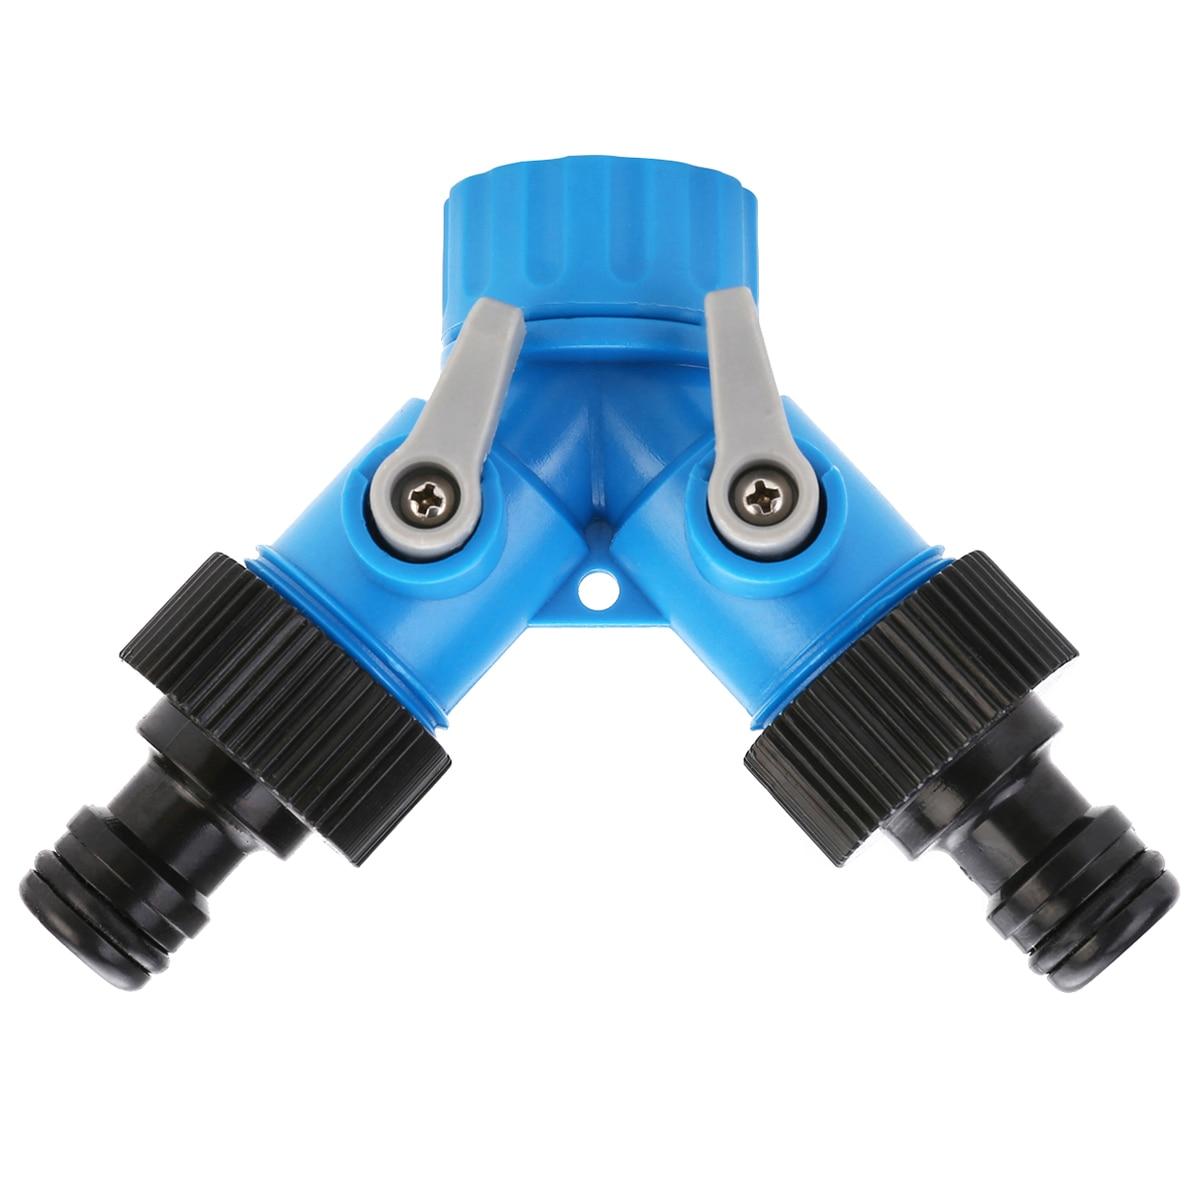 3/4 pulgadas 2 vías manguera del grifo divisor ABS manguera de agua conector rápido con válvula herramienta de riego de jardinería 20/30/40/50/60/70cm longitud 1/2